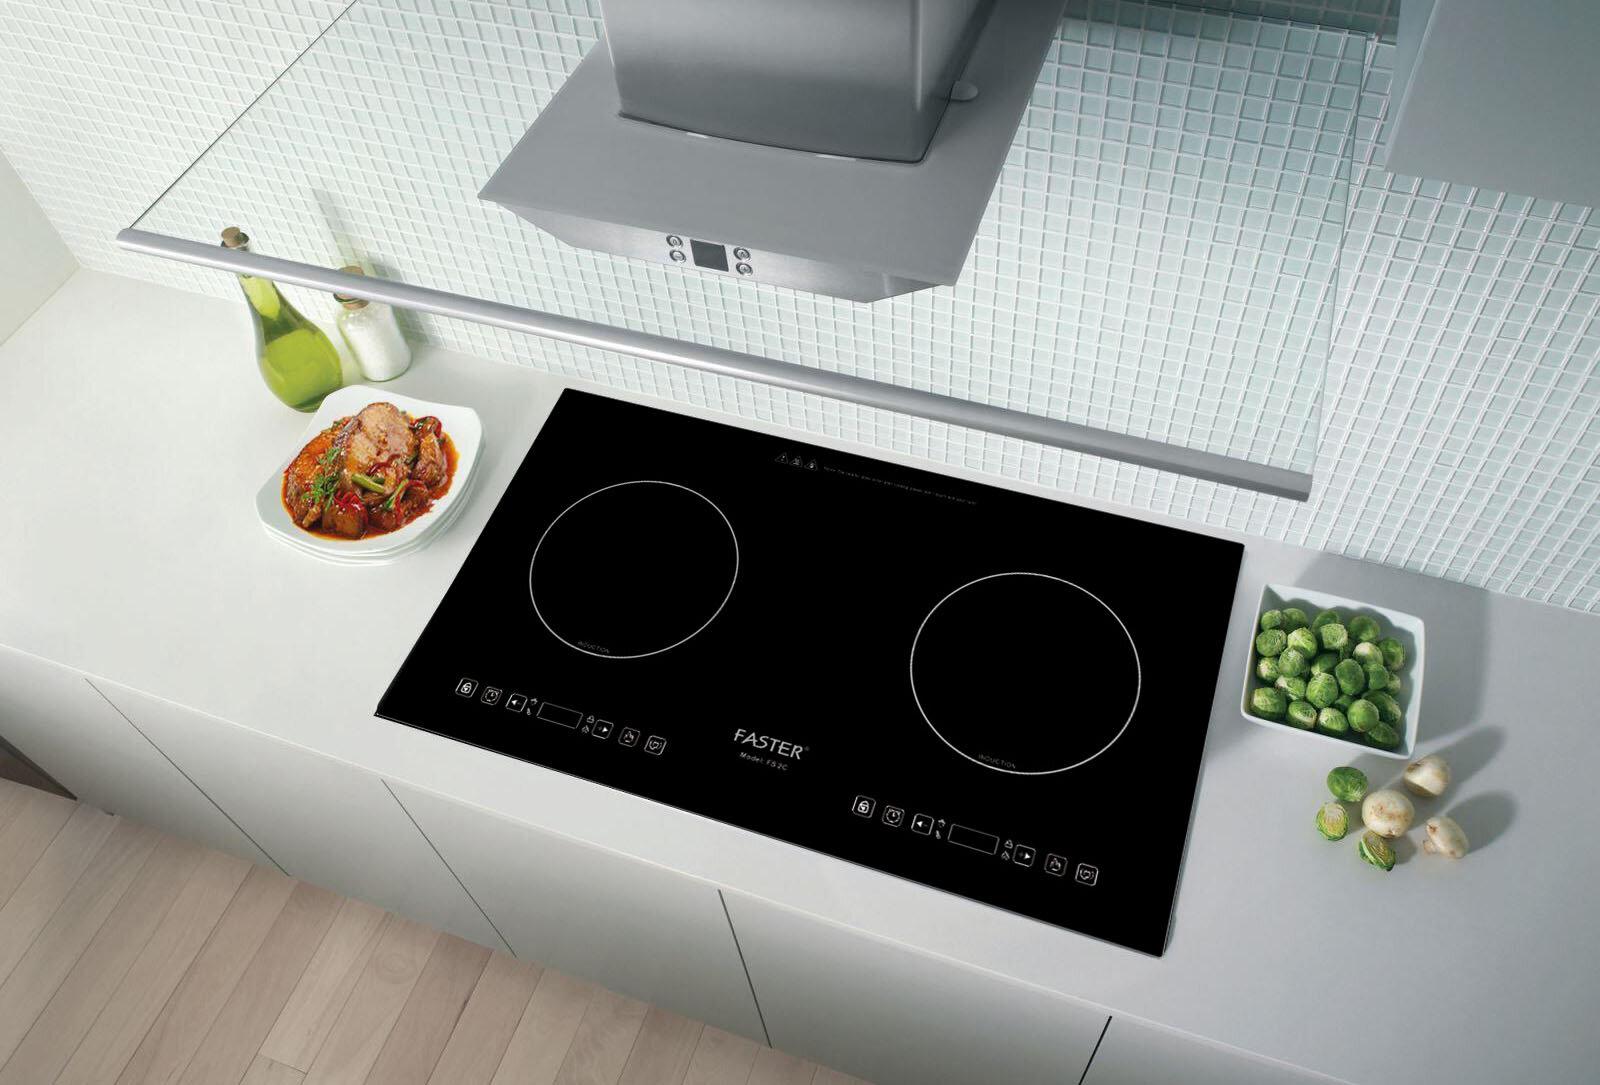 Faster là thương hiệu sản xuất thiết bị nhà bếp được đánh giá cao trên thị trường Việt